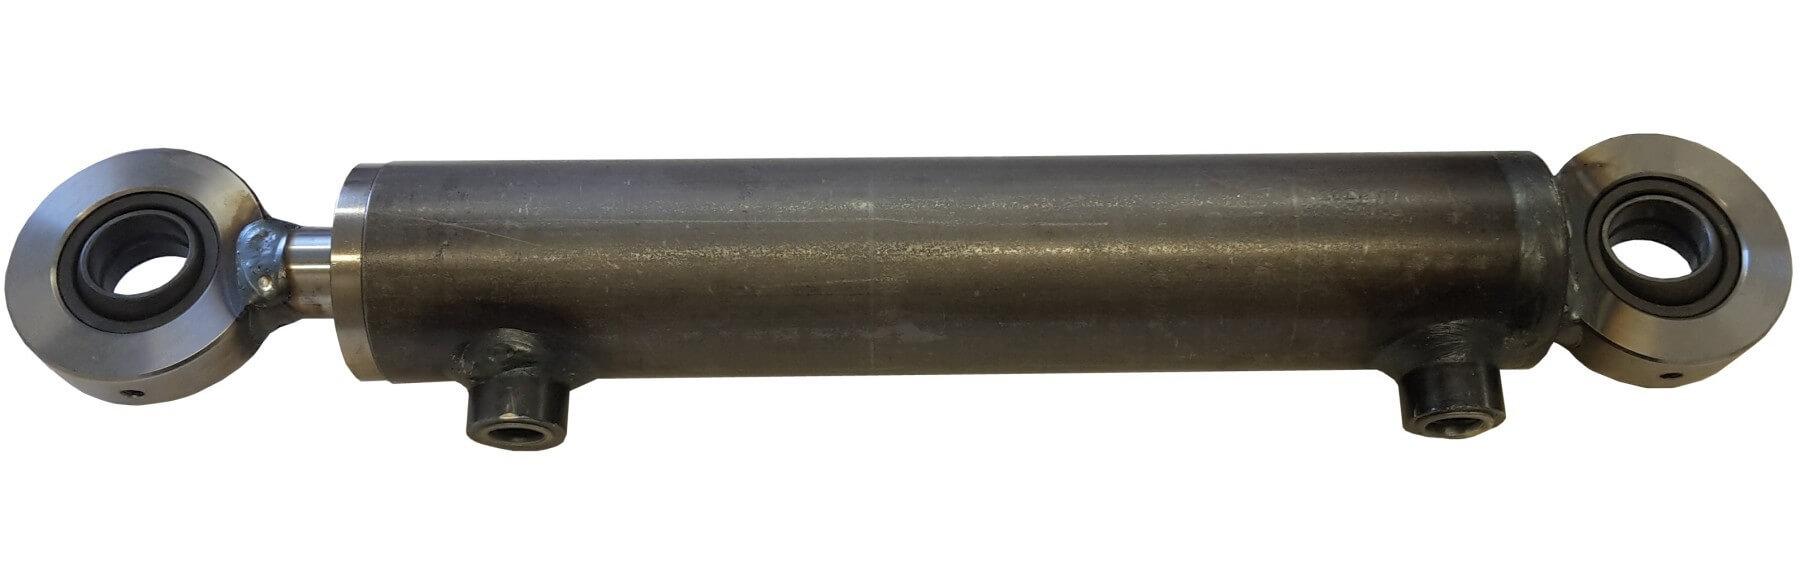 Hydraulisylinteri CL 50. 30. 500 GE - Kailatec Oy Verkkokauppa